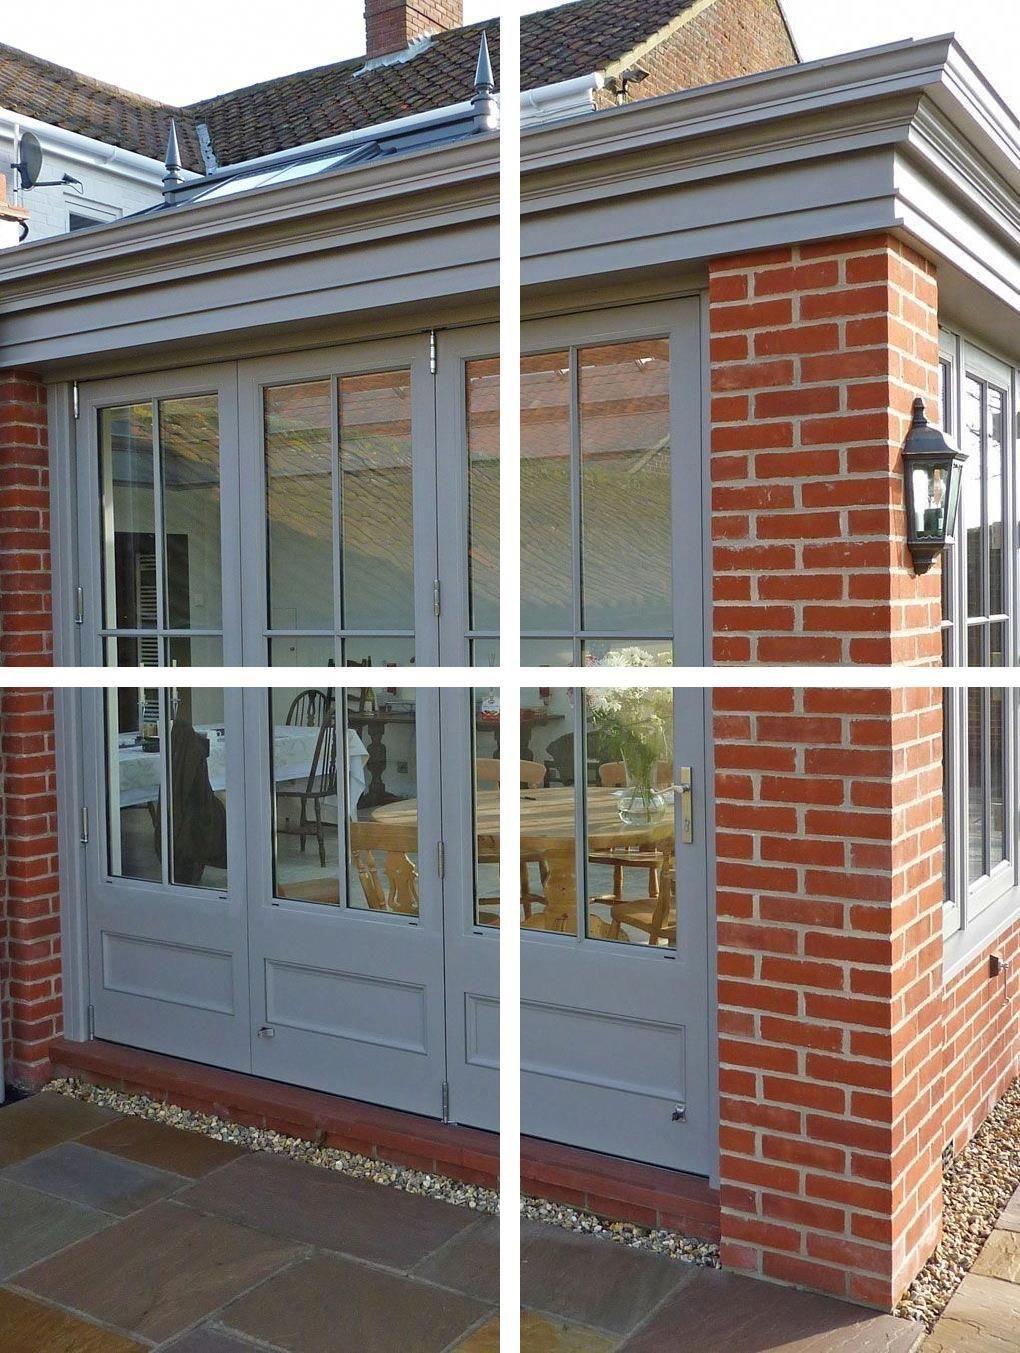 Small Internal French Doors Buy Exterior Door Glass Patio Doors Buy Exterior Doors Glass Doors Patio French Doors